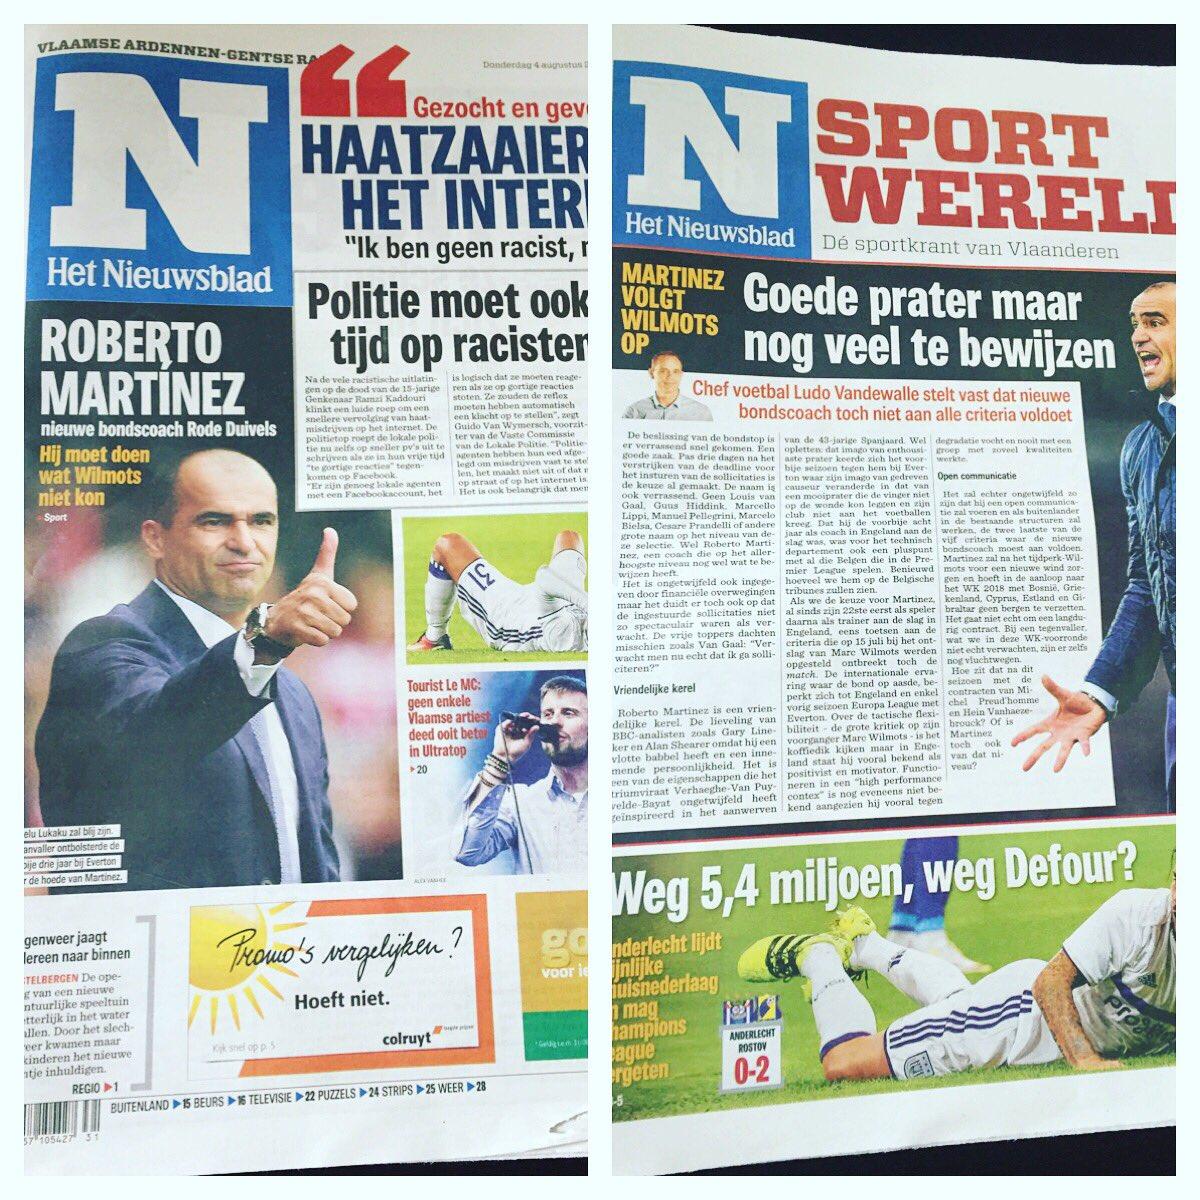 1 dag voor de start van de OLYMPISCHE SPELEN en de kranten zien er zo uit....